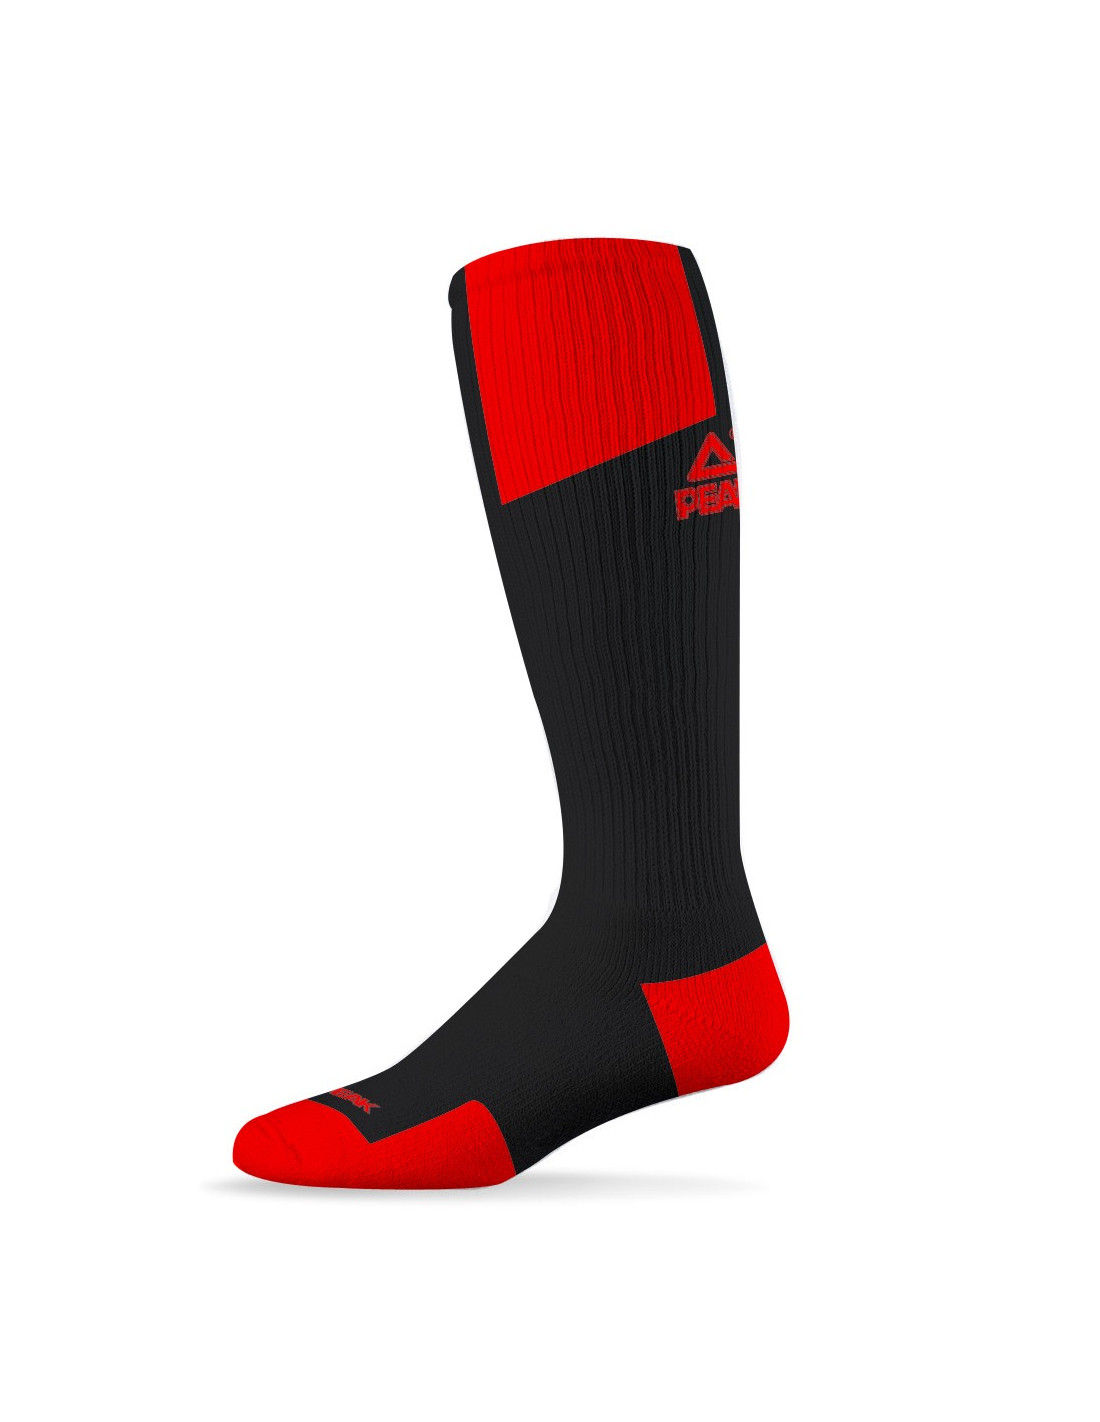 42c6bebe39044 Chaussettes Hautes Pro Noir/Rouge Agrandir. En savoir plus; Commentaires